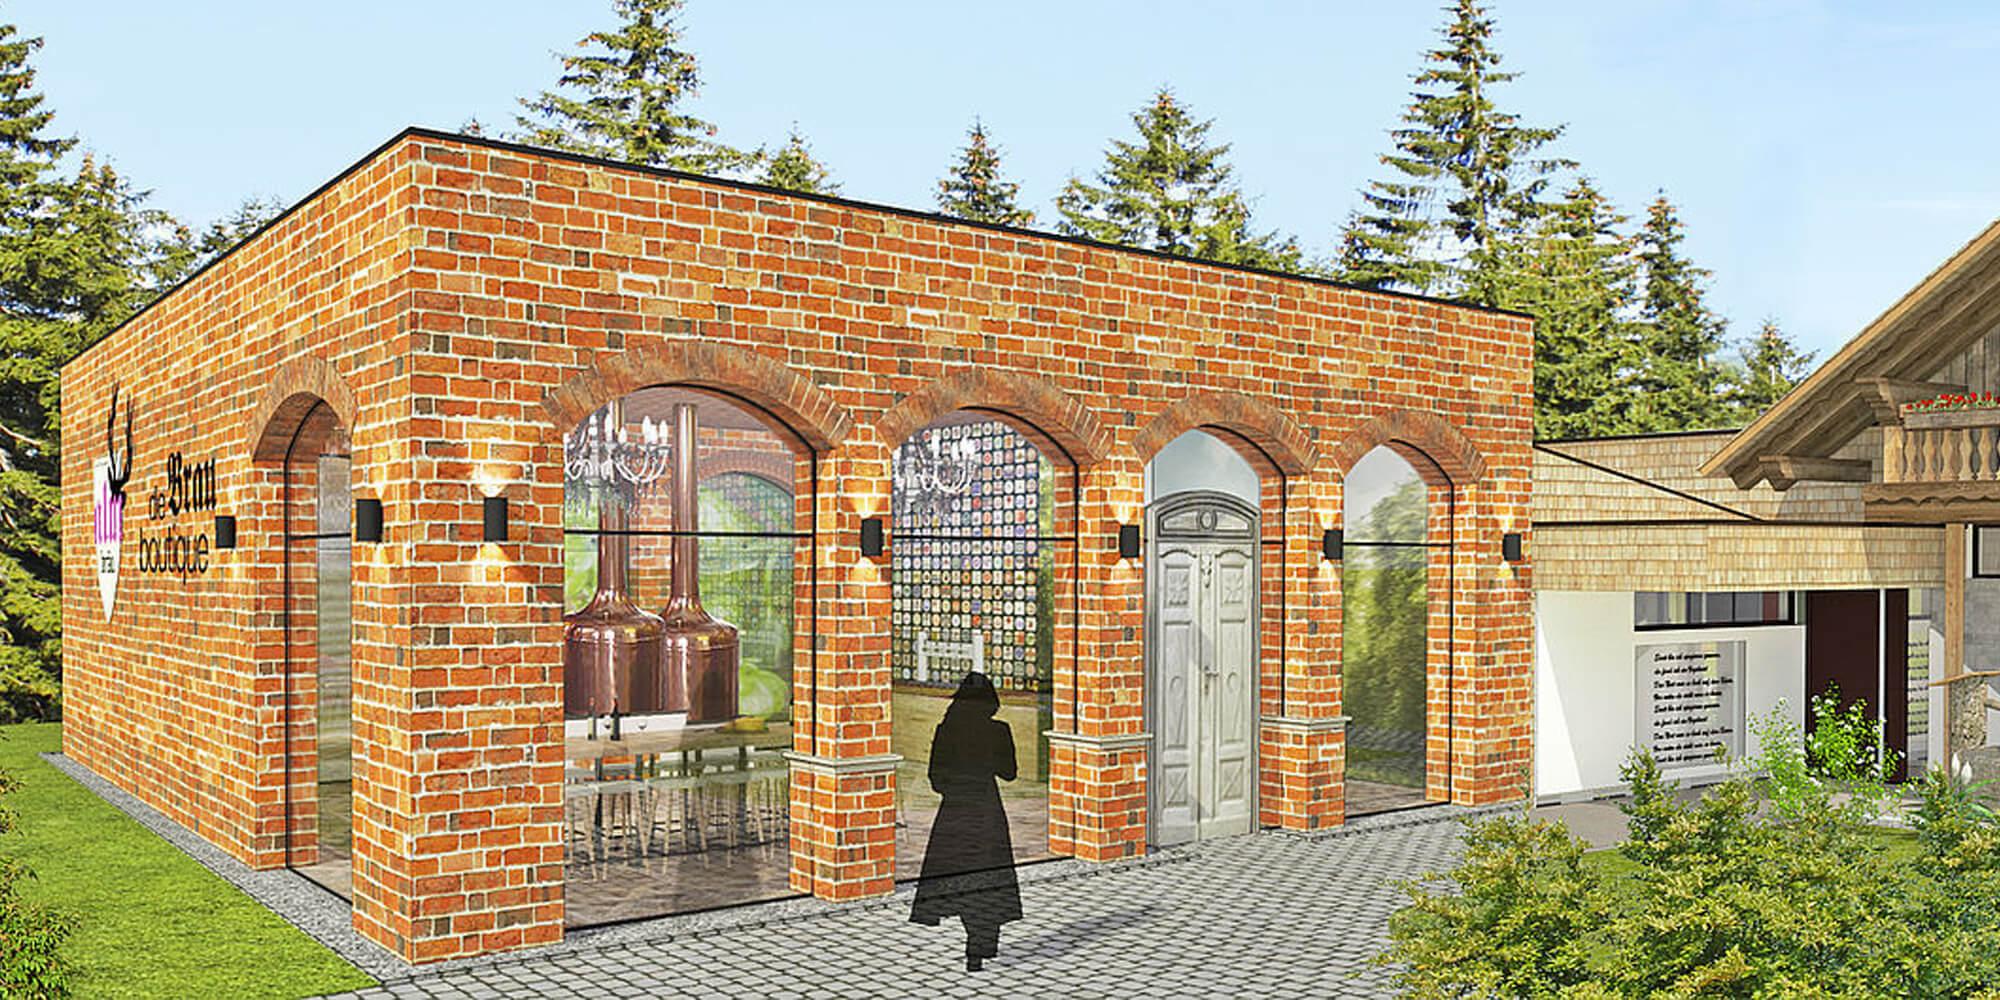 Crea-Plan-Design-Rauch-Frühmann-Architektur-Innenarchitektur-Design-Projekt-Referenz-Hotelerie-Gastronomie-AVIVA-Brauerei-2